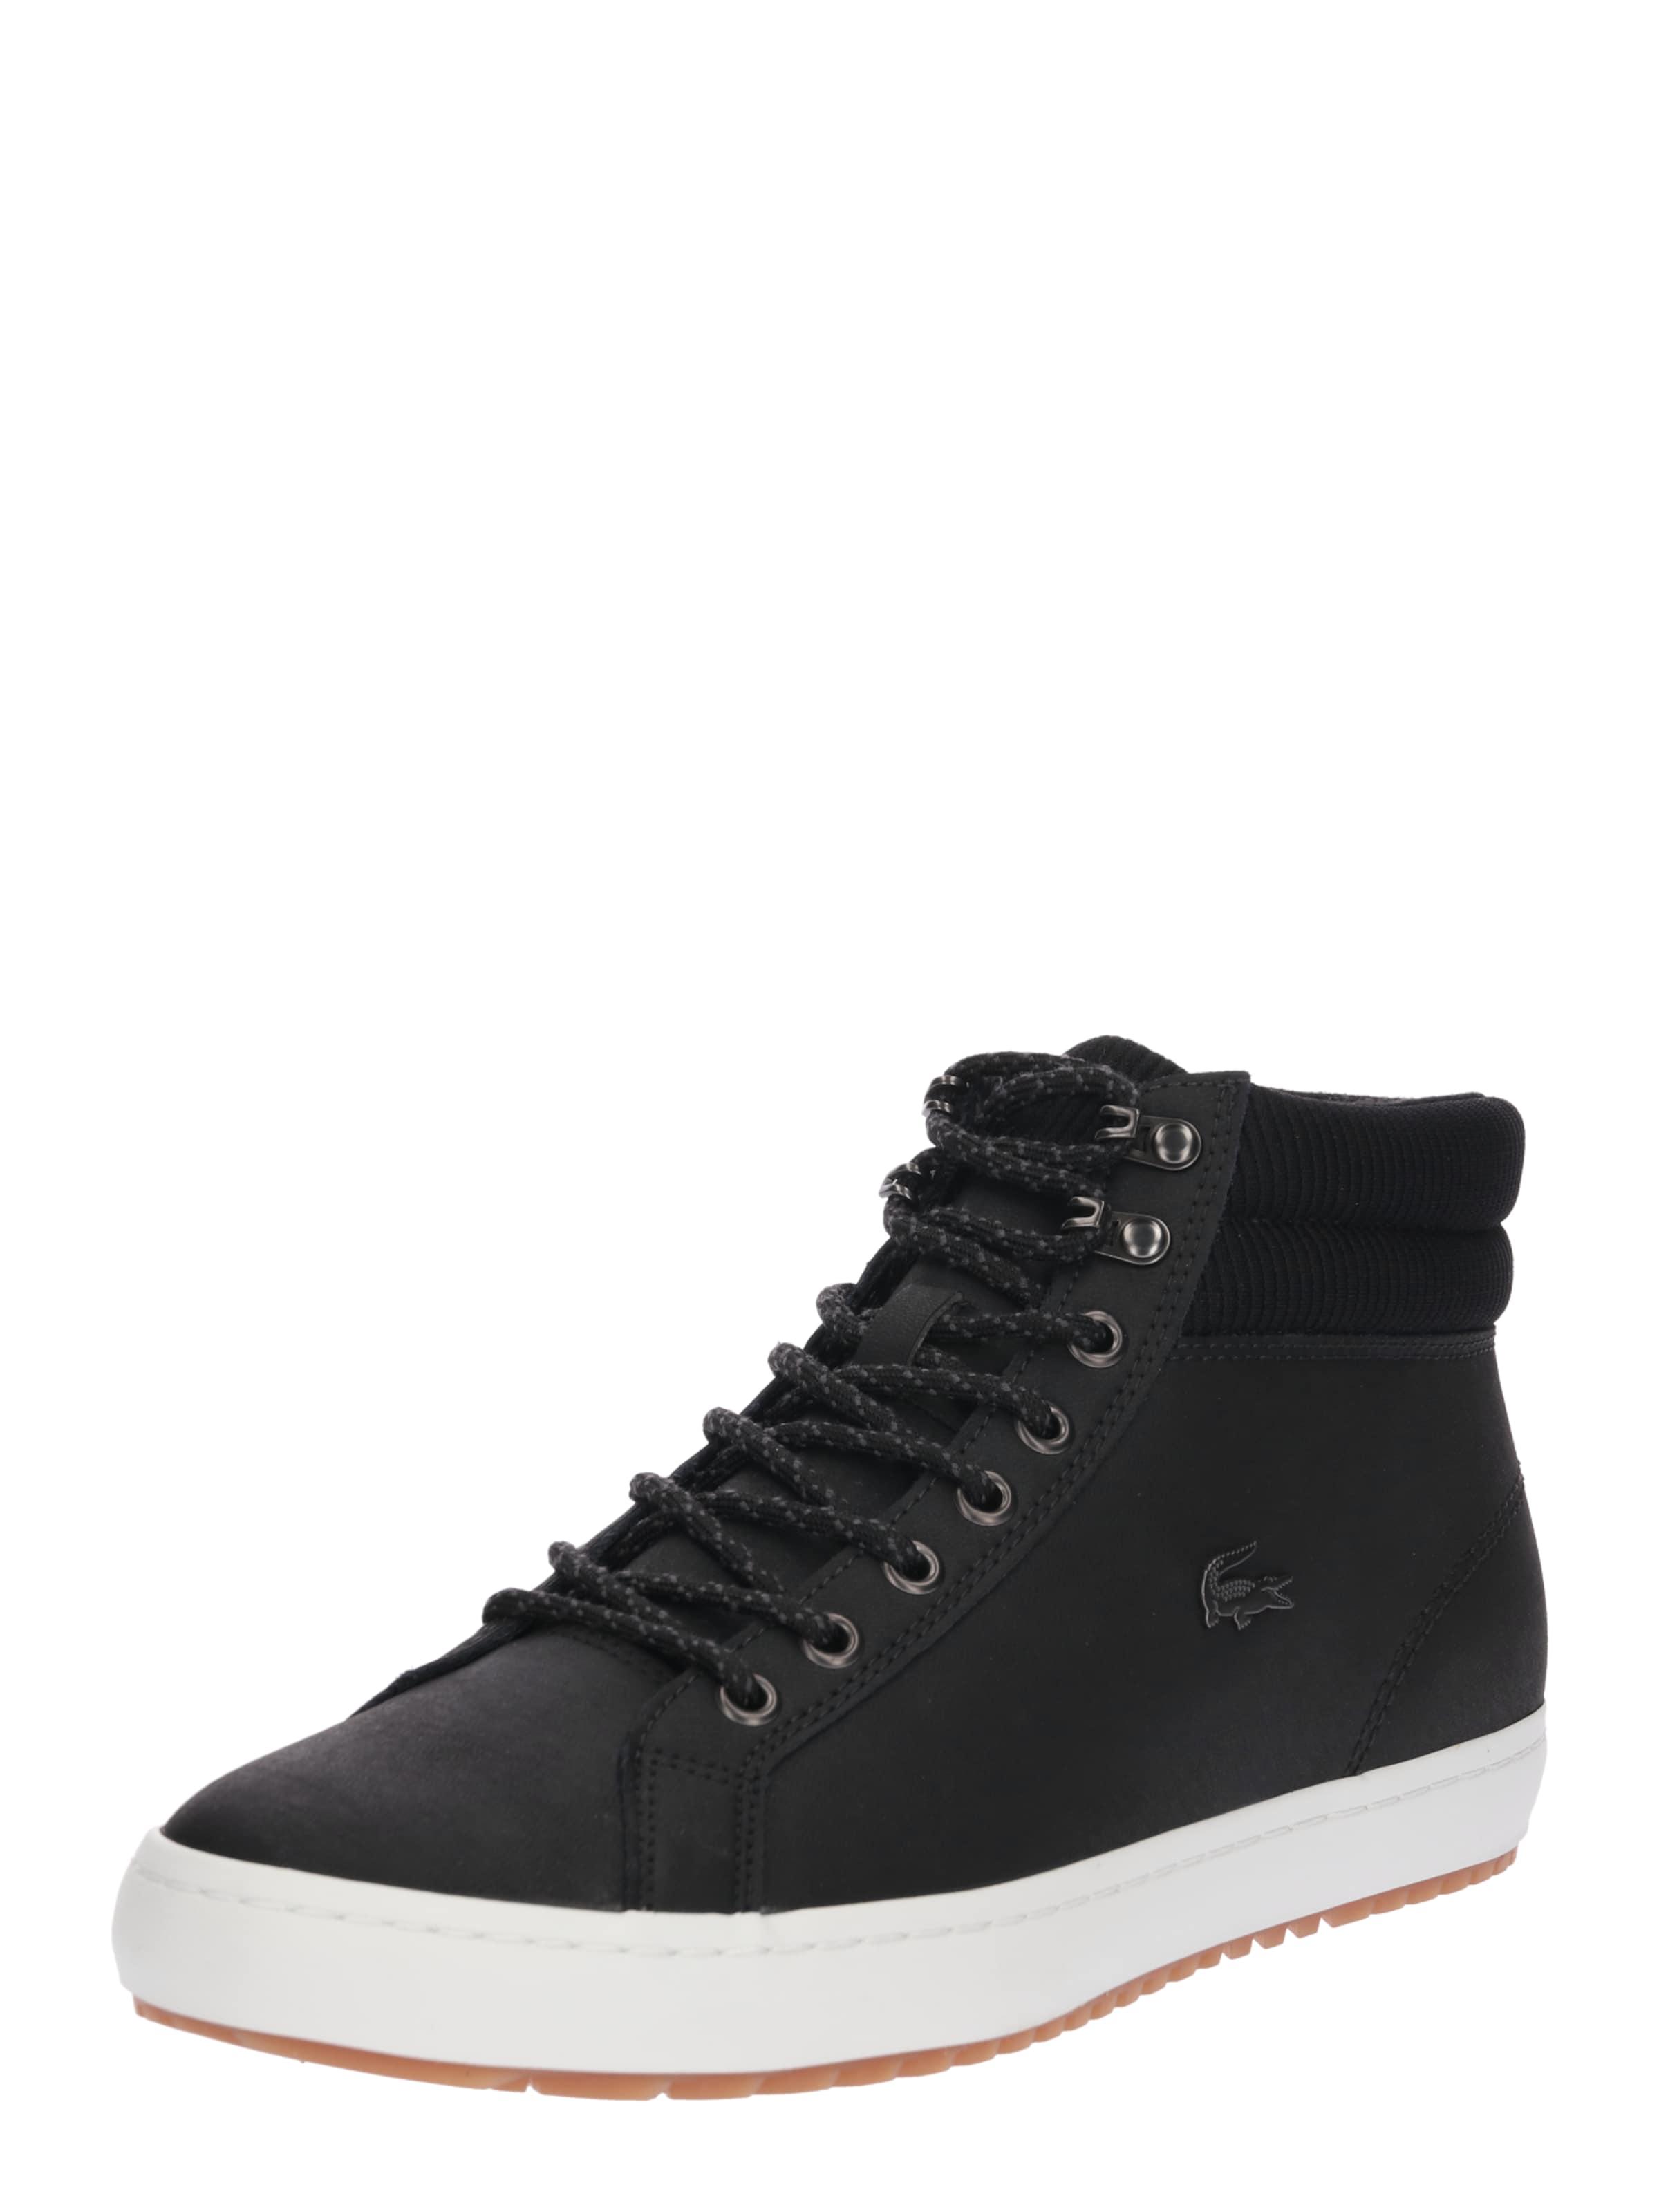 Lacoste 'straightset' In Sneaker In Sneaker Lacoste 'straightset' In 'straightset' Lacoste Sneaker Schwarz Schwarz MzGLSVpqU